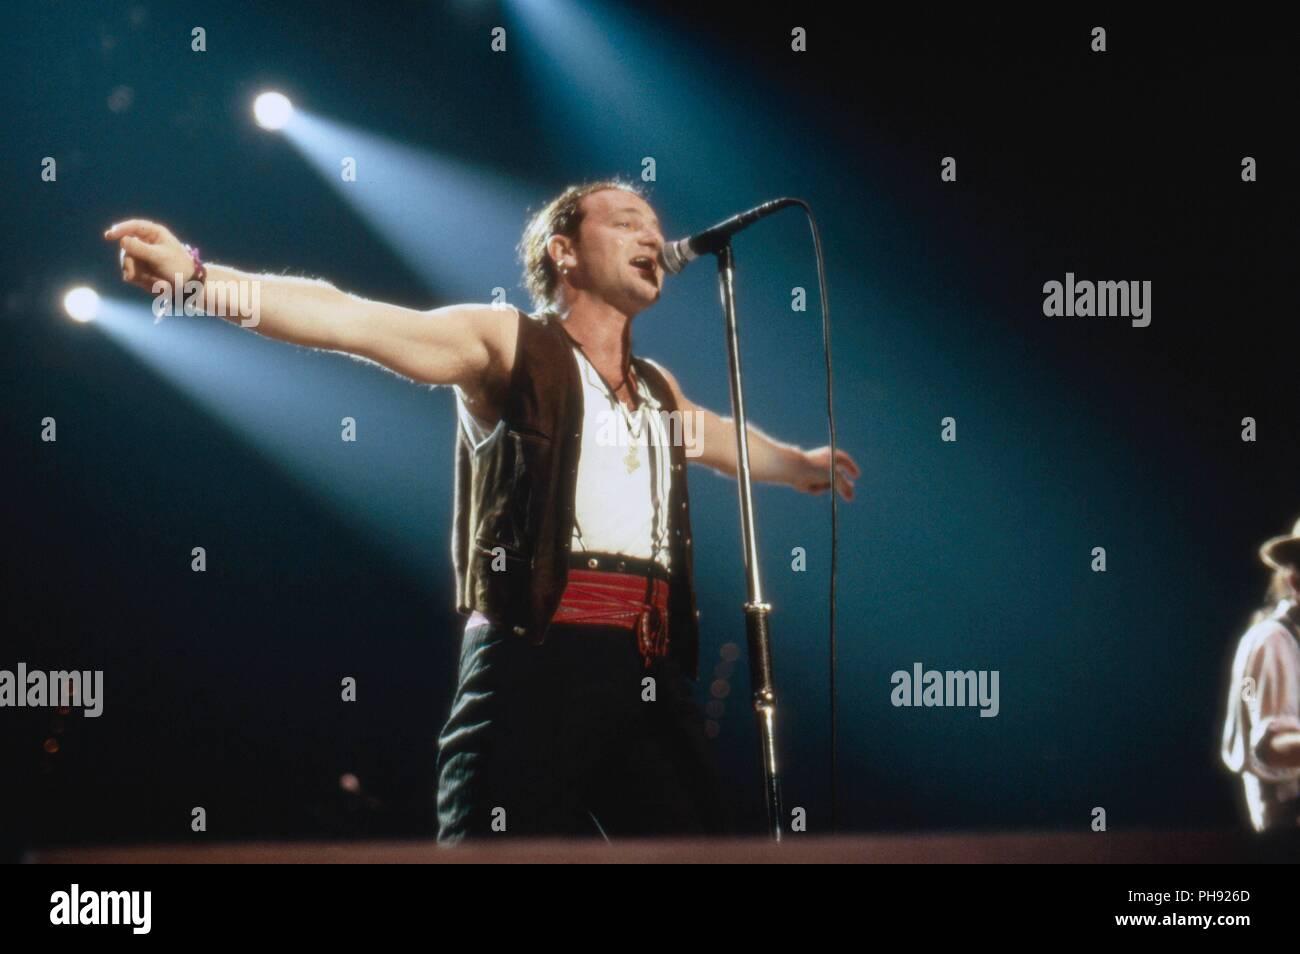 U2 1987 Stock Photos & U2 1987 Stock Images - Alamy